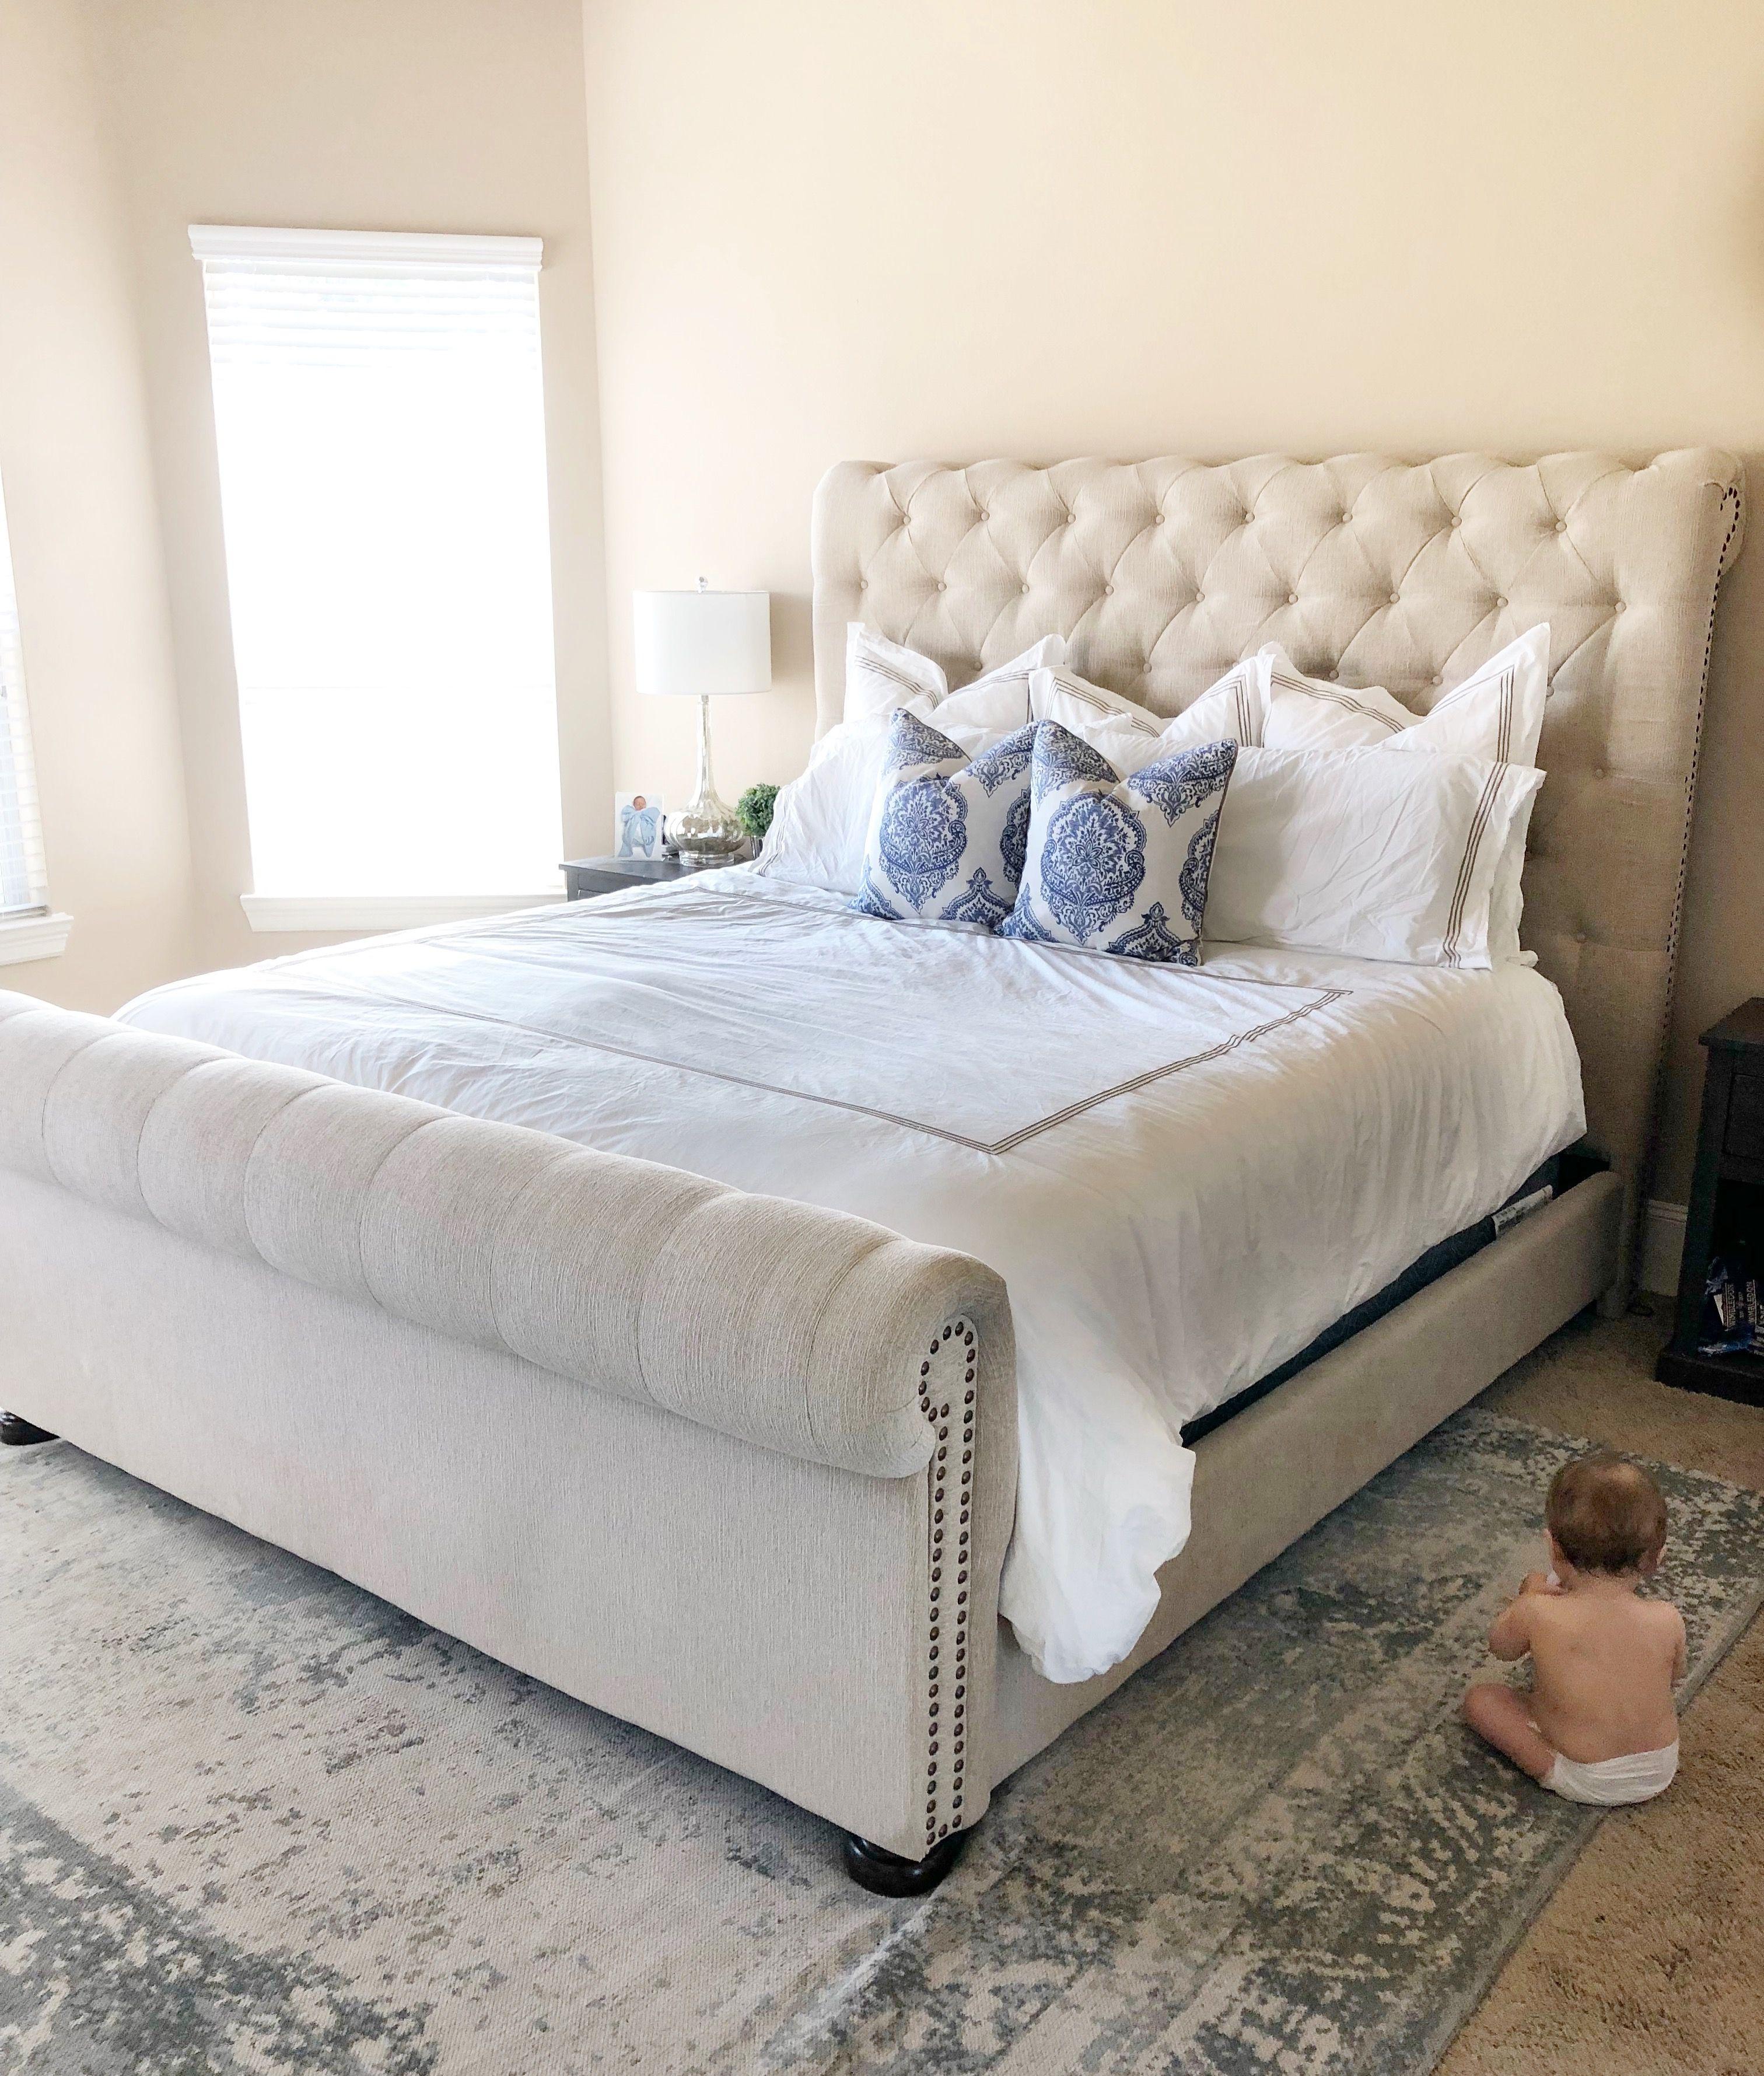 Best Inexpensive Bed Sheets From Lauren Gleisberg